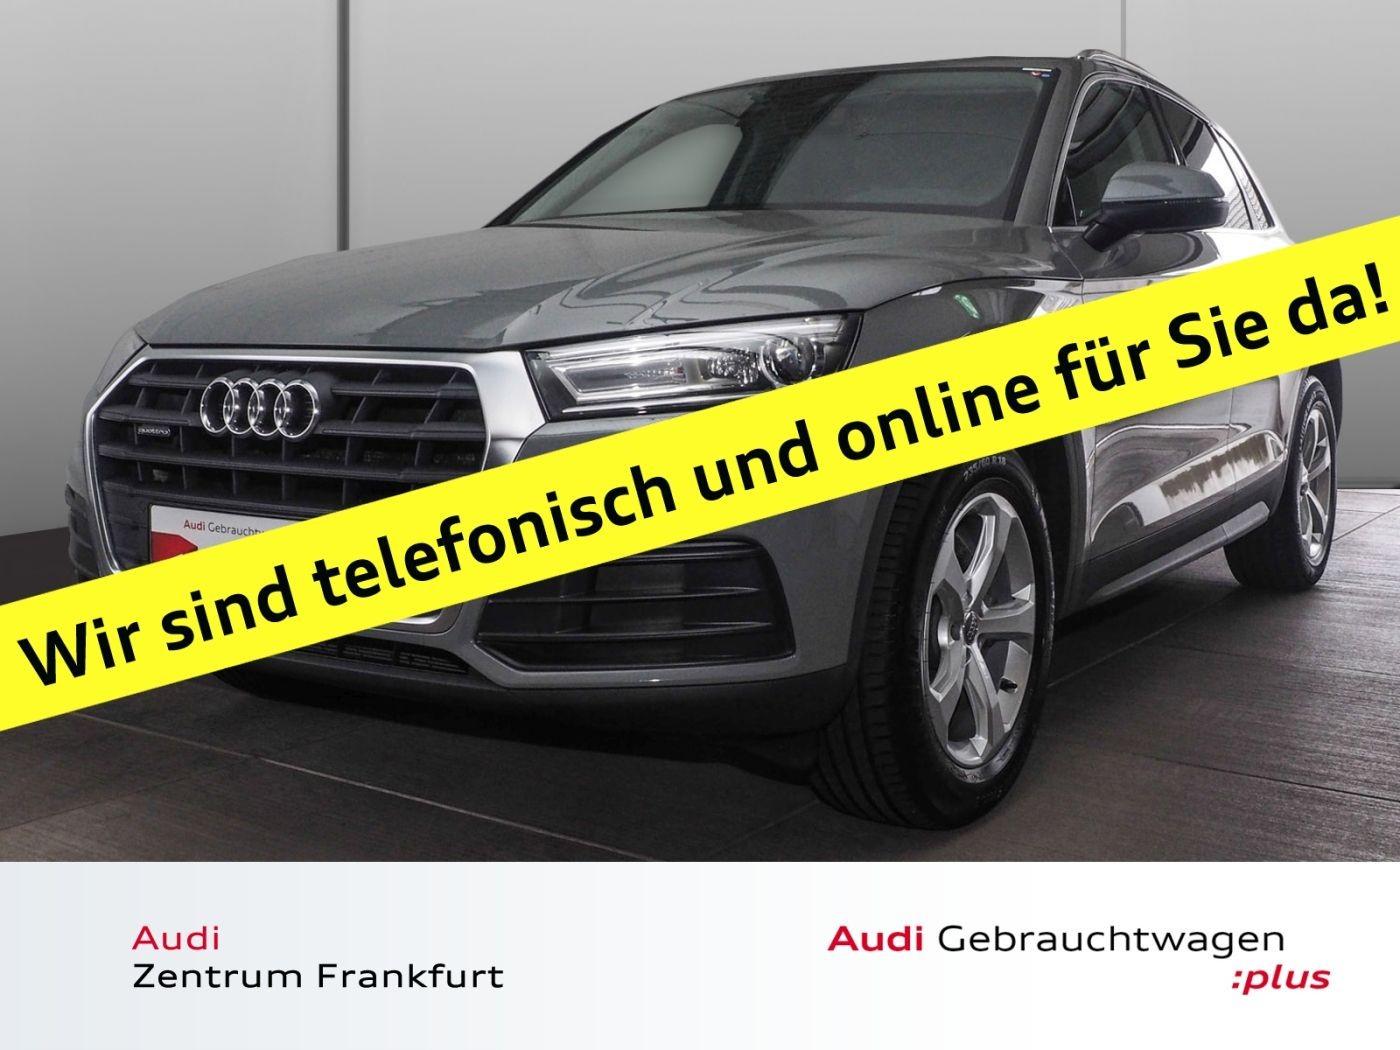 Audi Q5 40 TDI quattro S tronic Navi Xenon Tempomat, Jahr 2018, Diesel